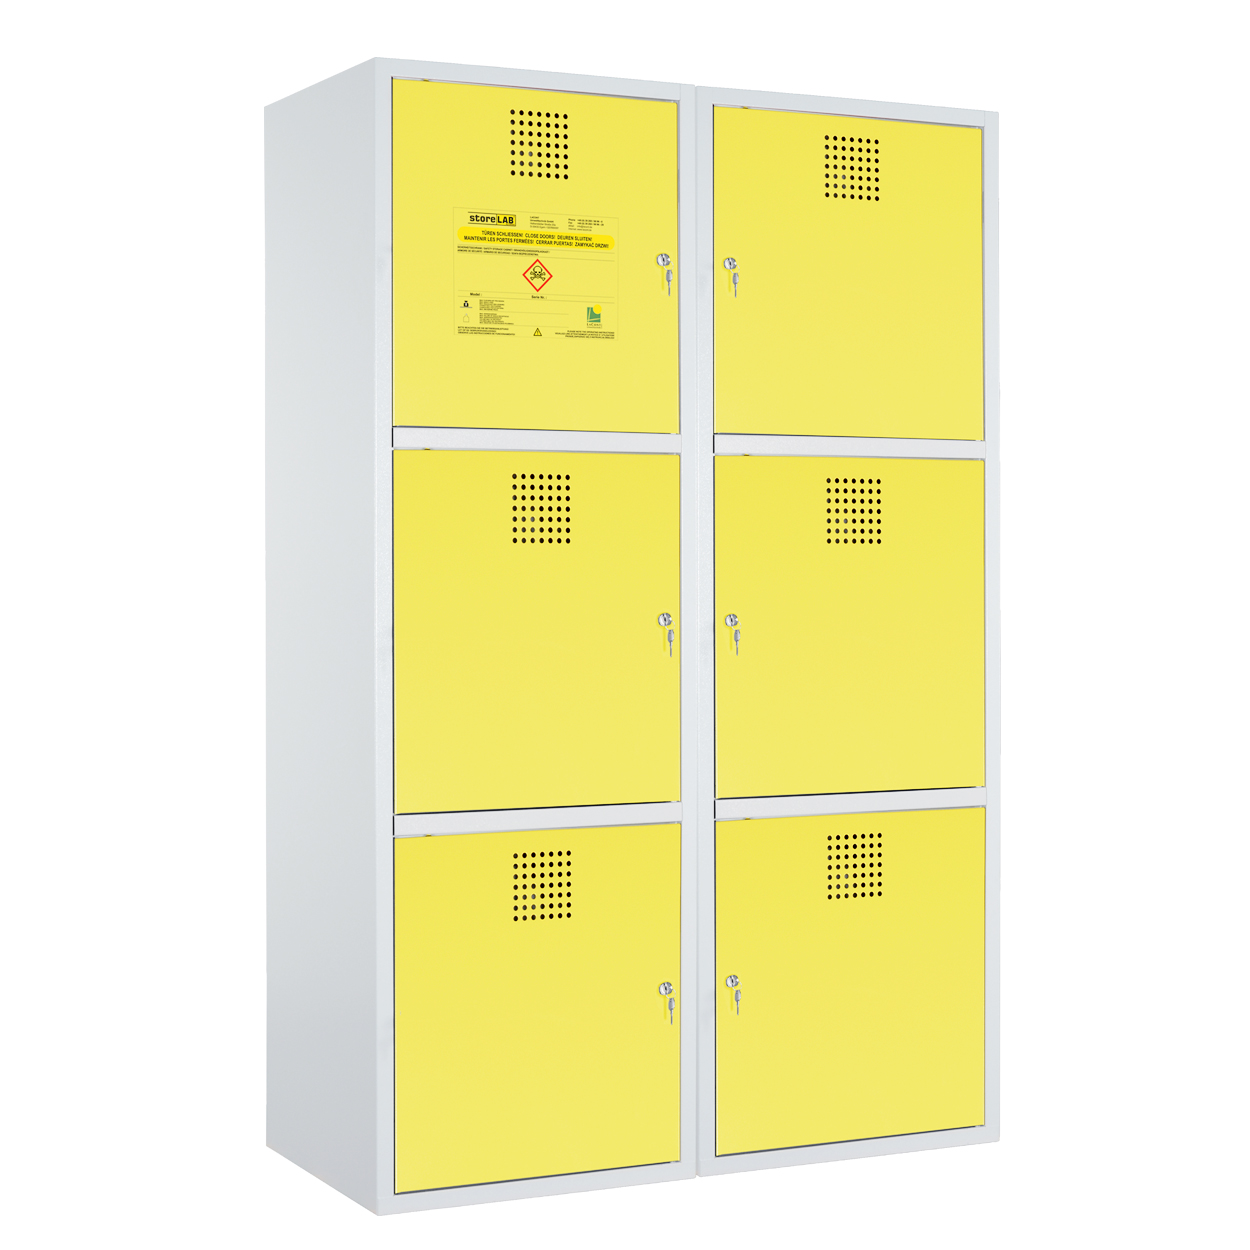 Dzielona szafka na chemikalia - certyfikowana -żółta